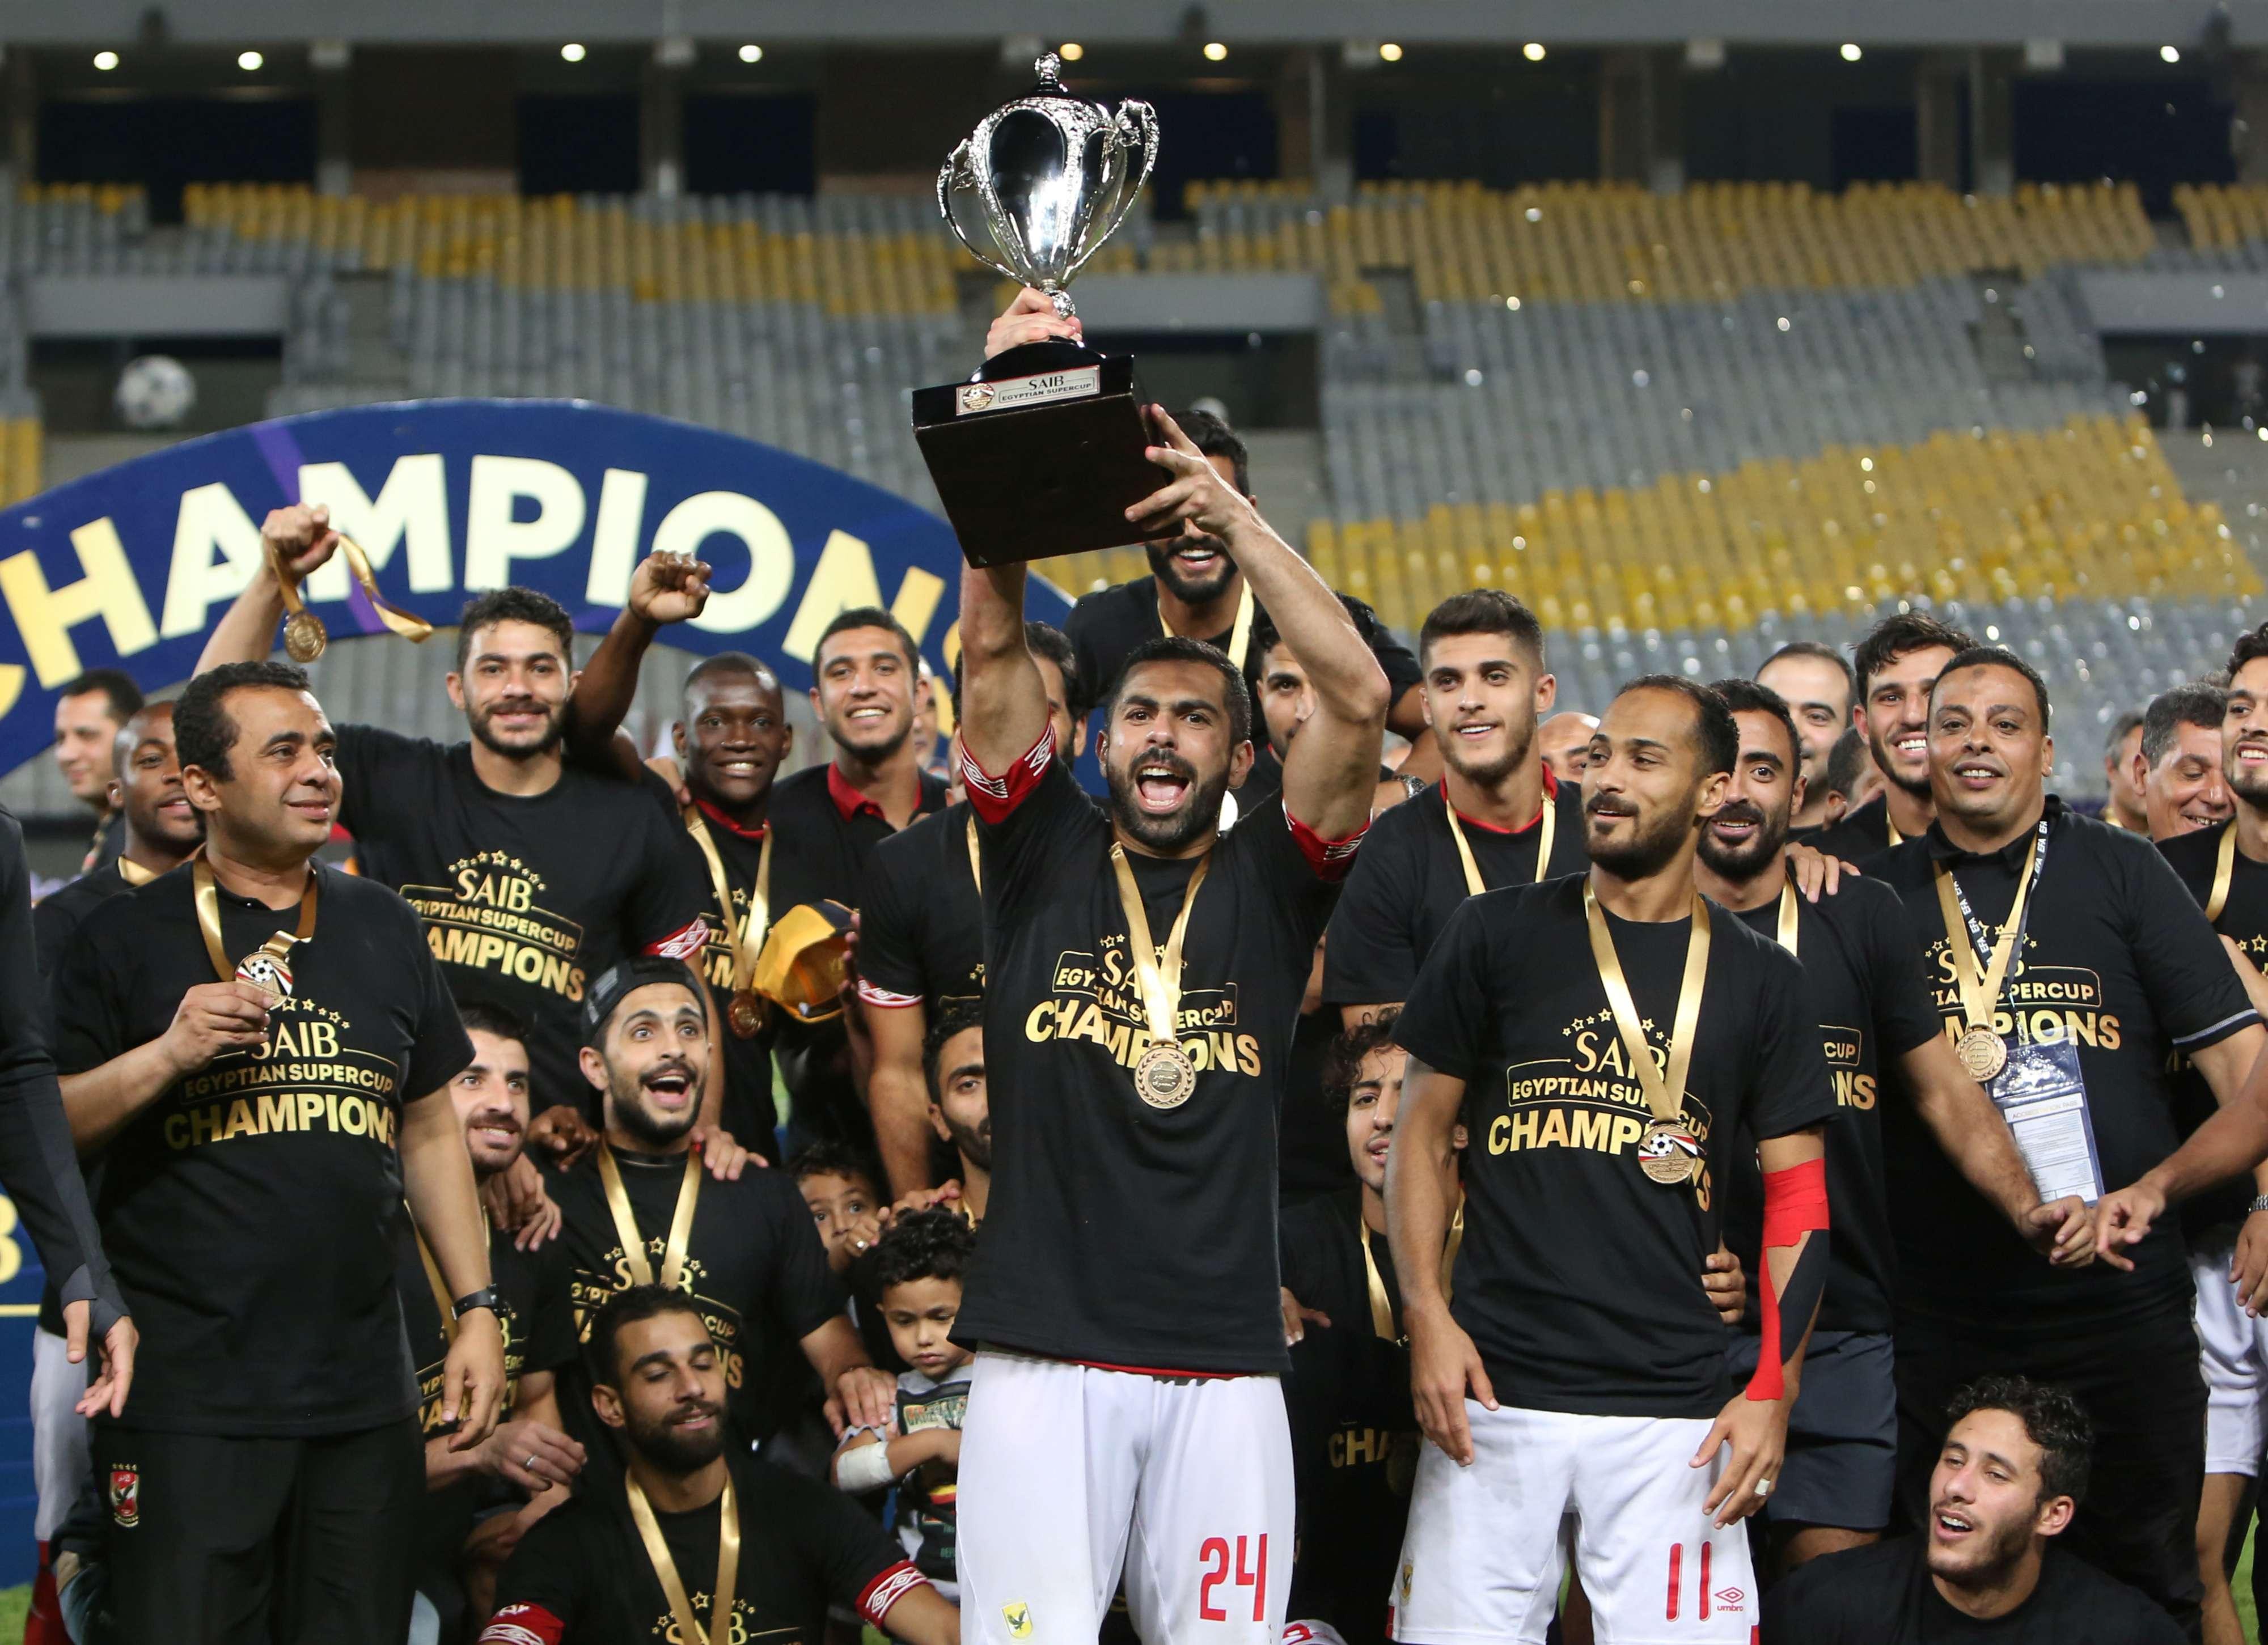 20190920195523reup--2019-09-20t195139z_1243342119_rc140ff88500_rtrmadp_3_egypt-soccer.h